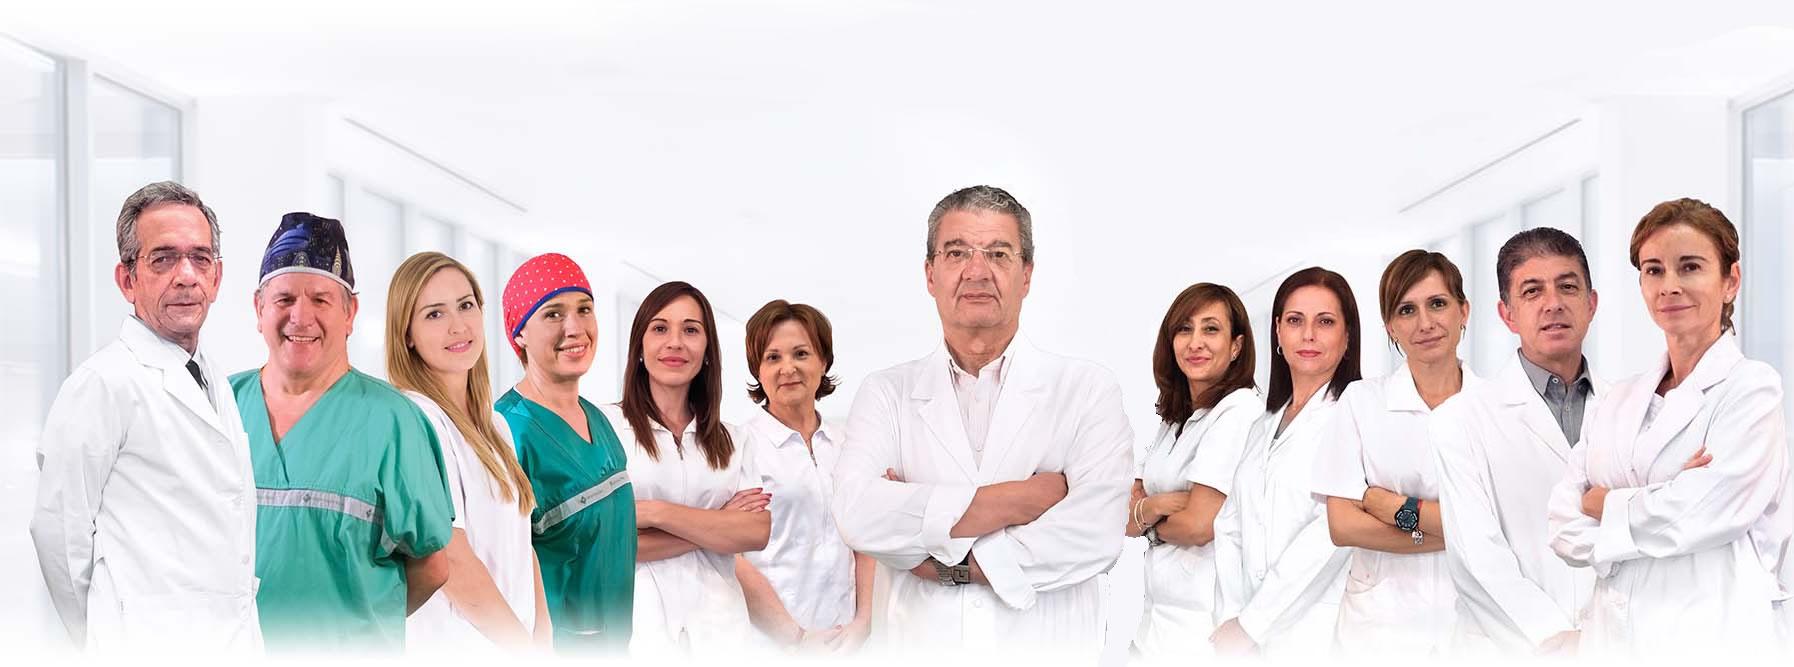 Equipo Humano de la Clínica Dual de Cirugía Plástica y Tratamientos estéticos de Valencia